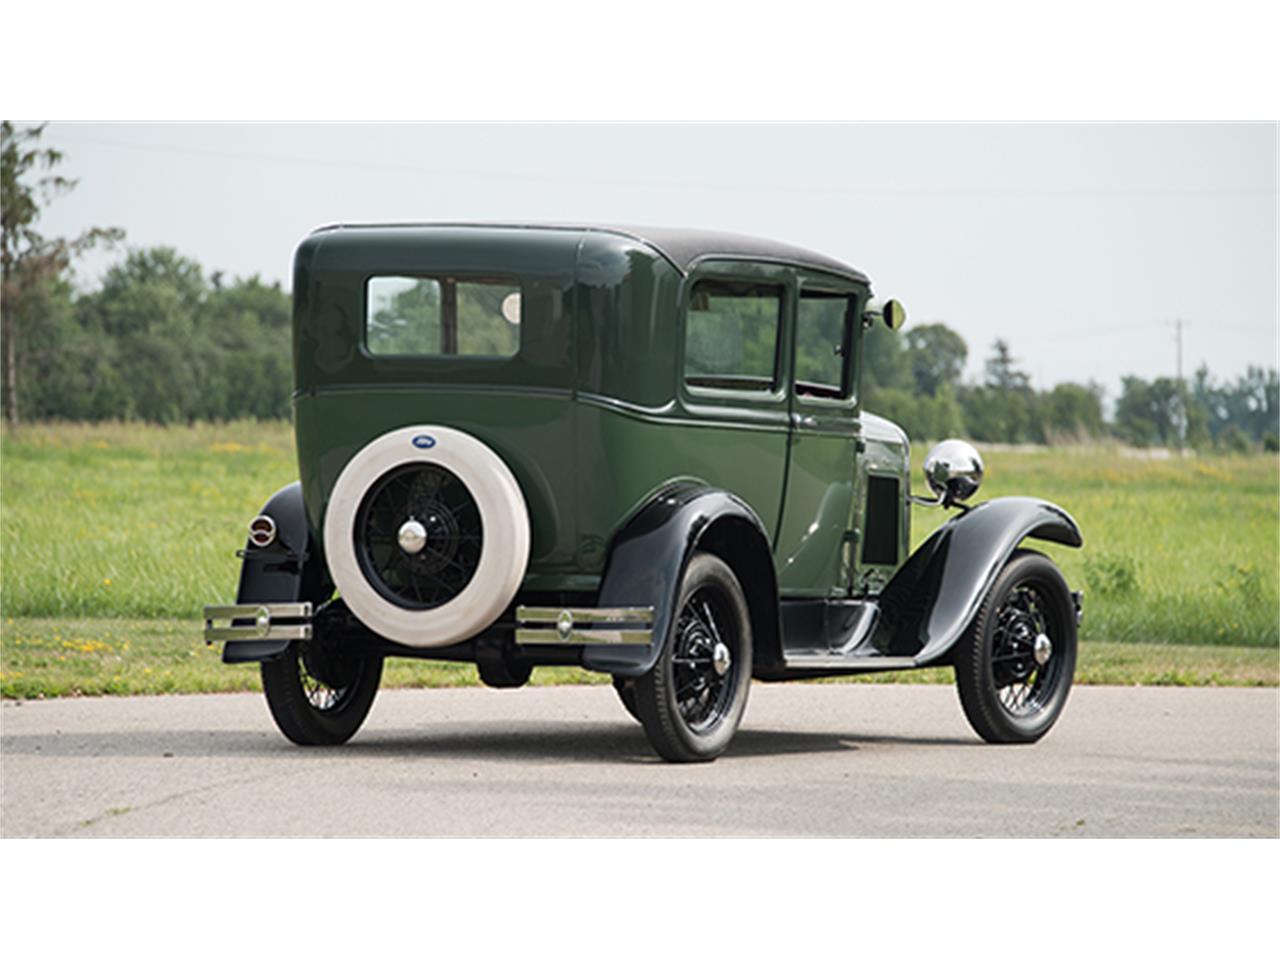 1930 Ford Model A Deluxe Tudor Sedan for Sale